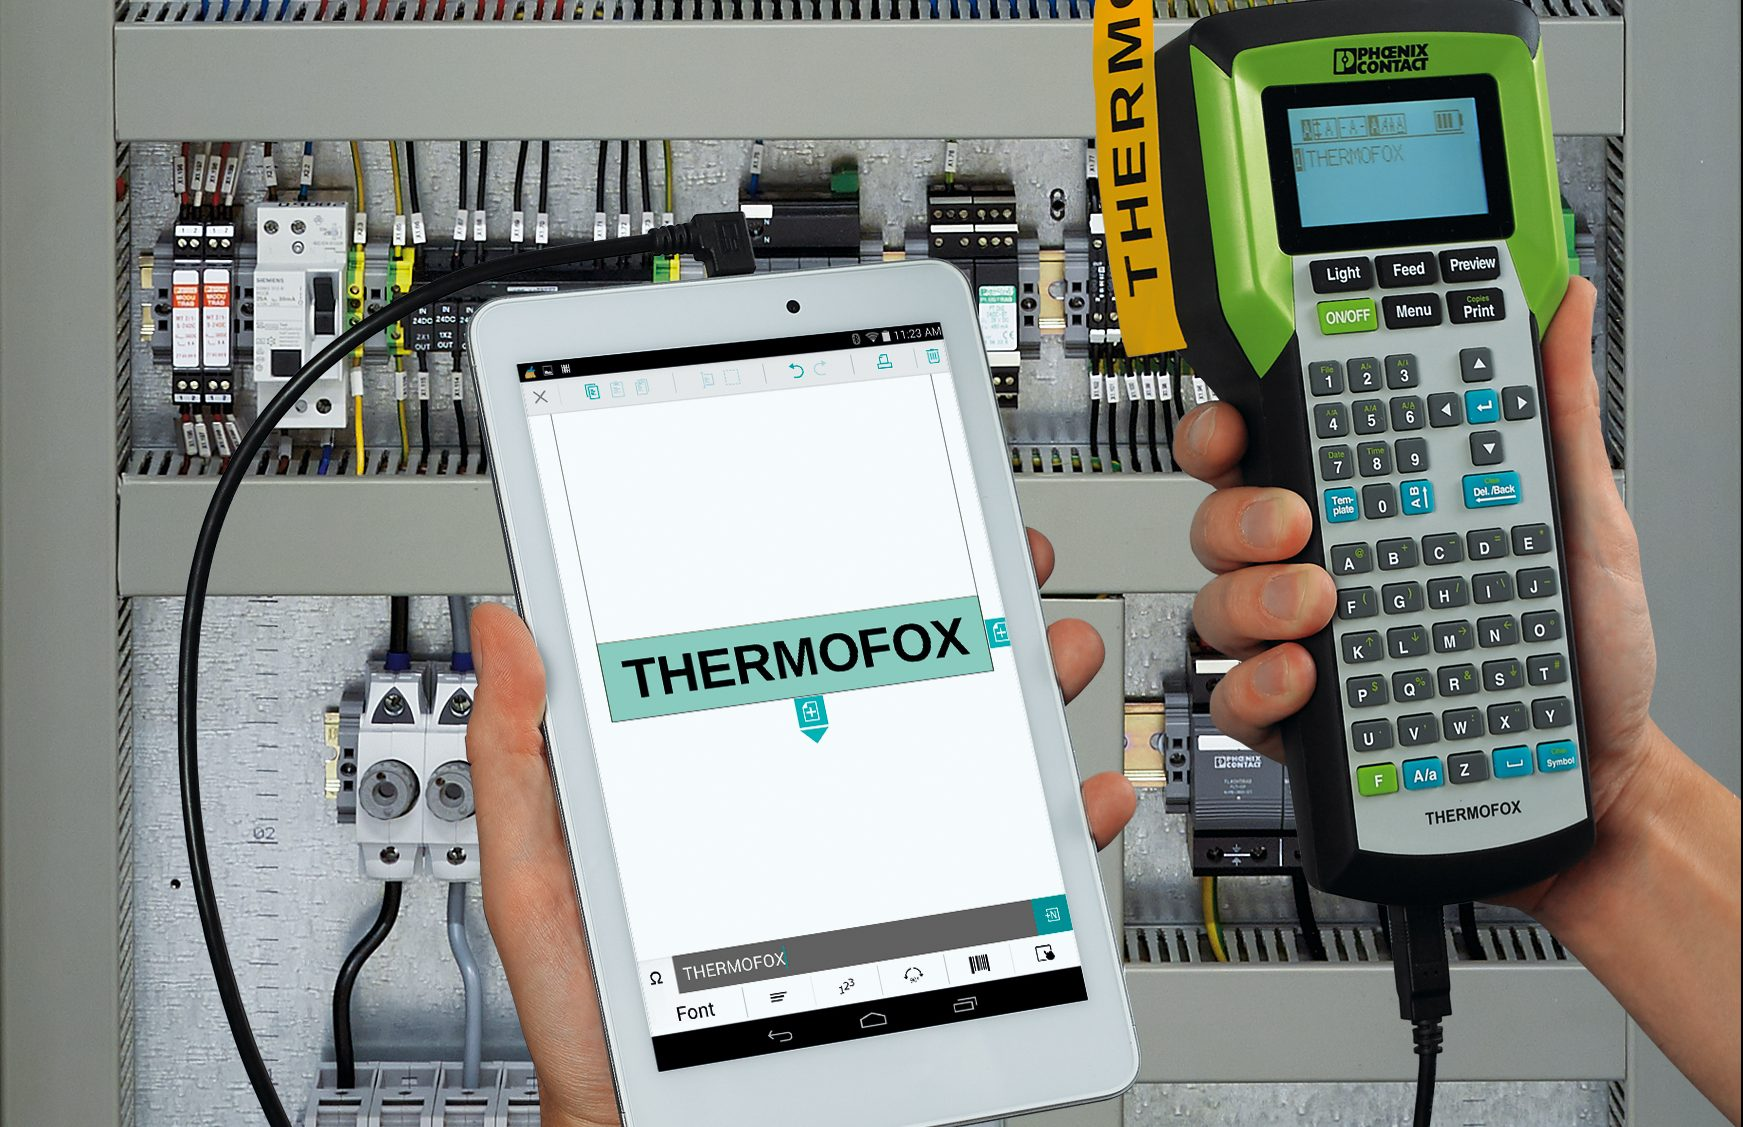 Kennzeichnung via App - Der mobile Handdrucker von Phoenix Contact wird über ein USB-Kabel von der Android-Smartphone-App gesteuert.